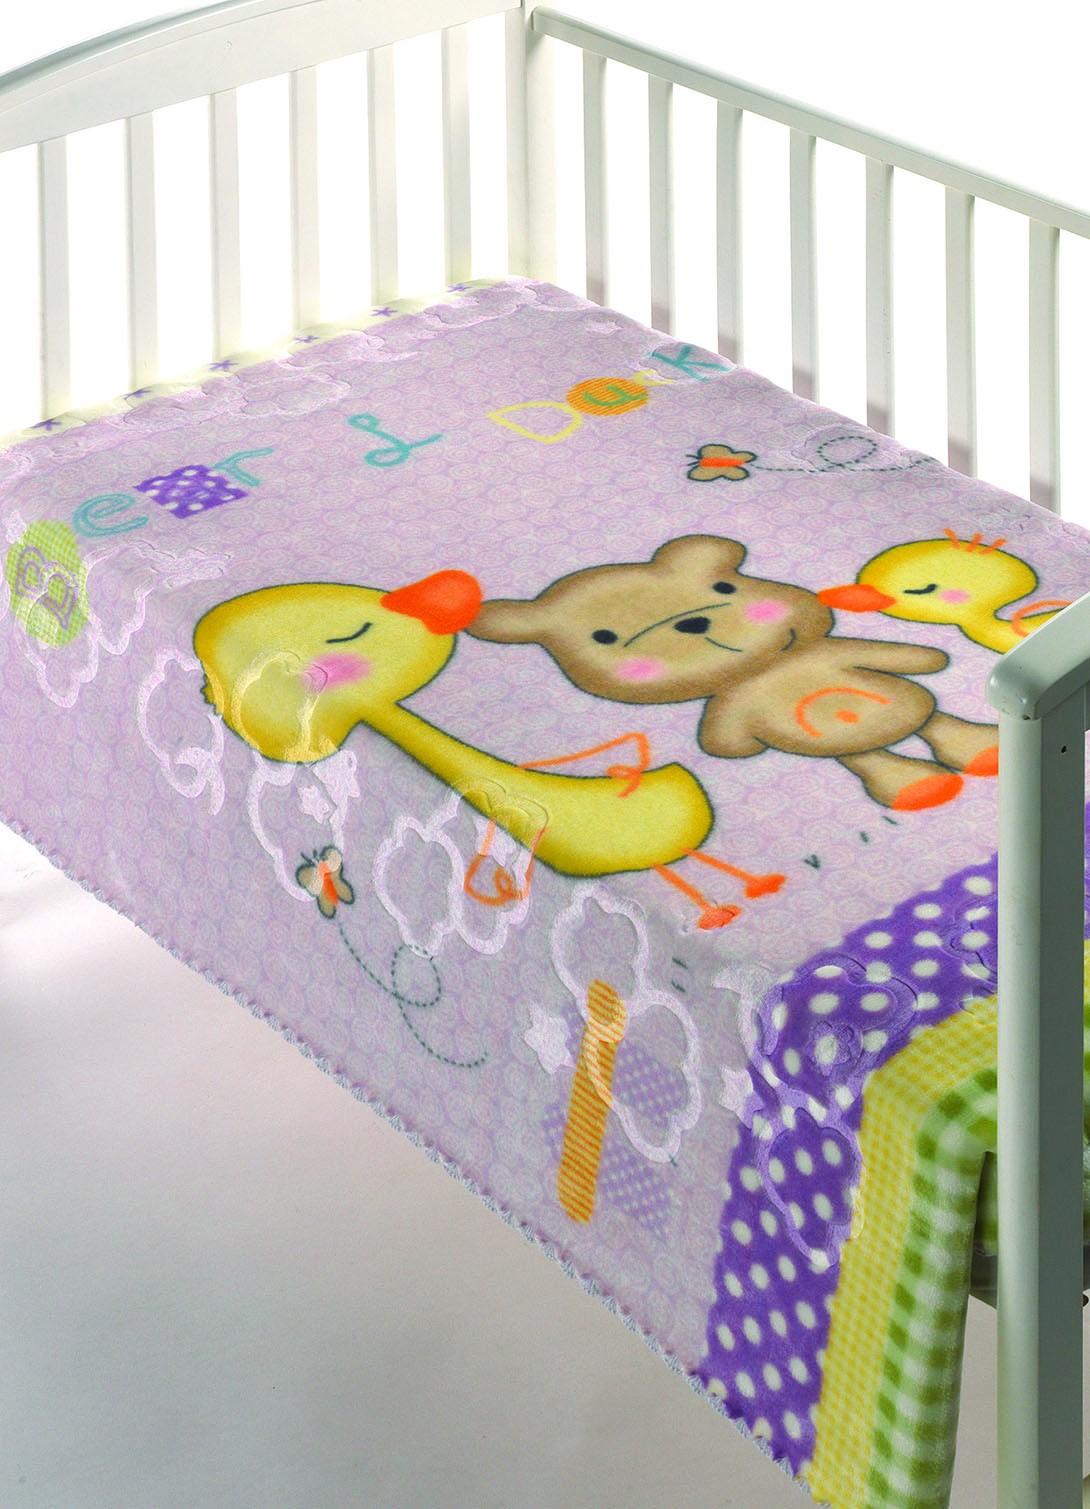 Κουβέρτα Βελουτέ Αγκαλιάς Morven Luxury Plus 276 Λιλά home   βρεφικά   κουβέρτες βρεφικές   κουβέρτες βελουτέ